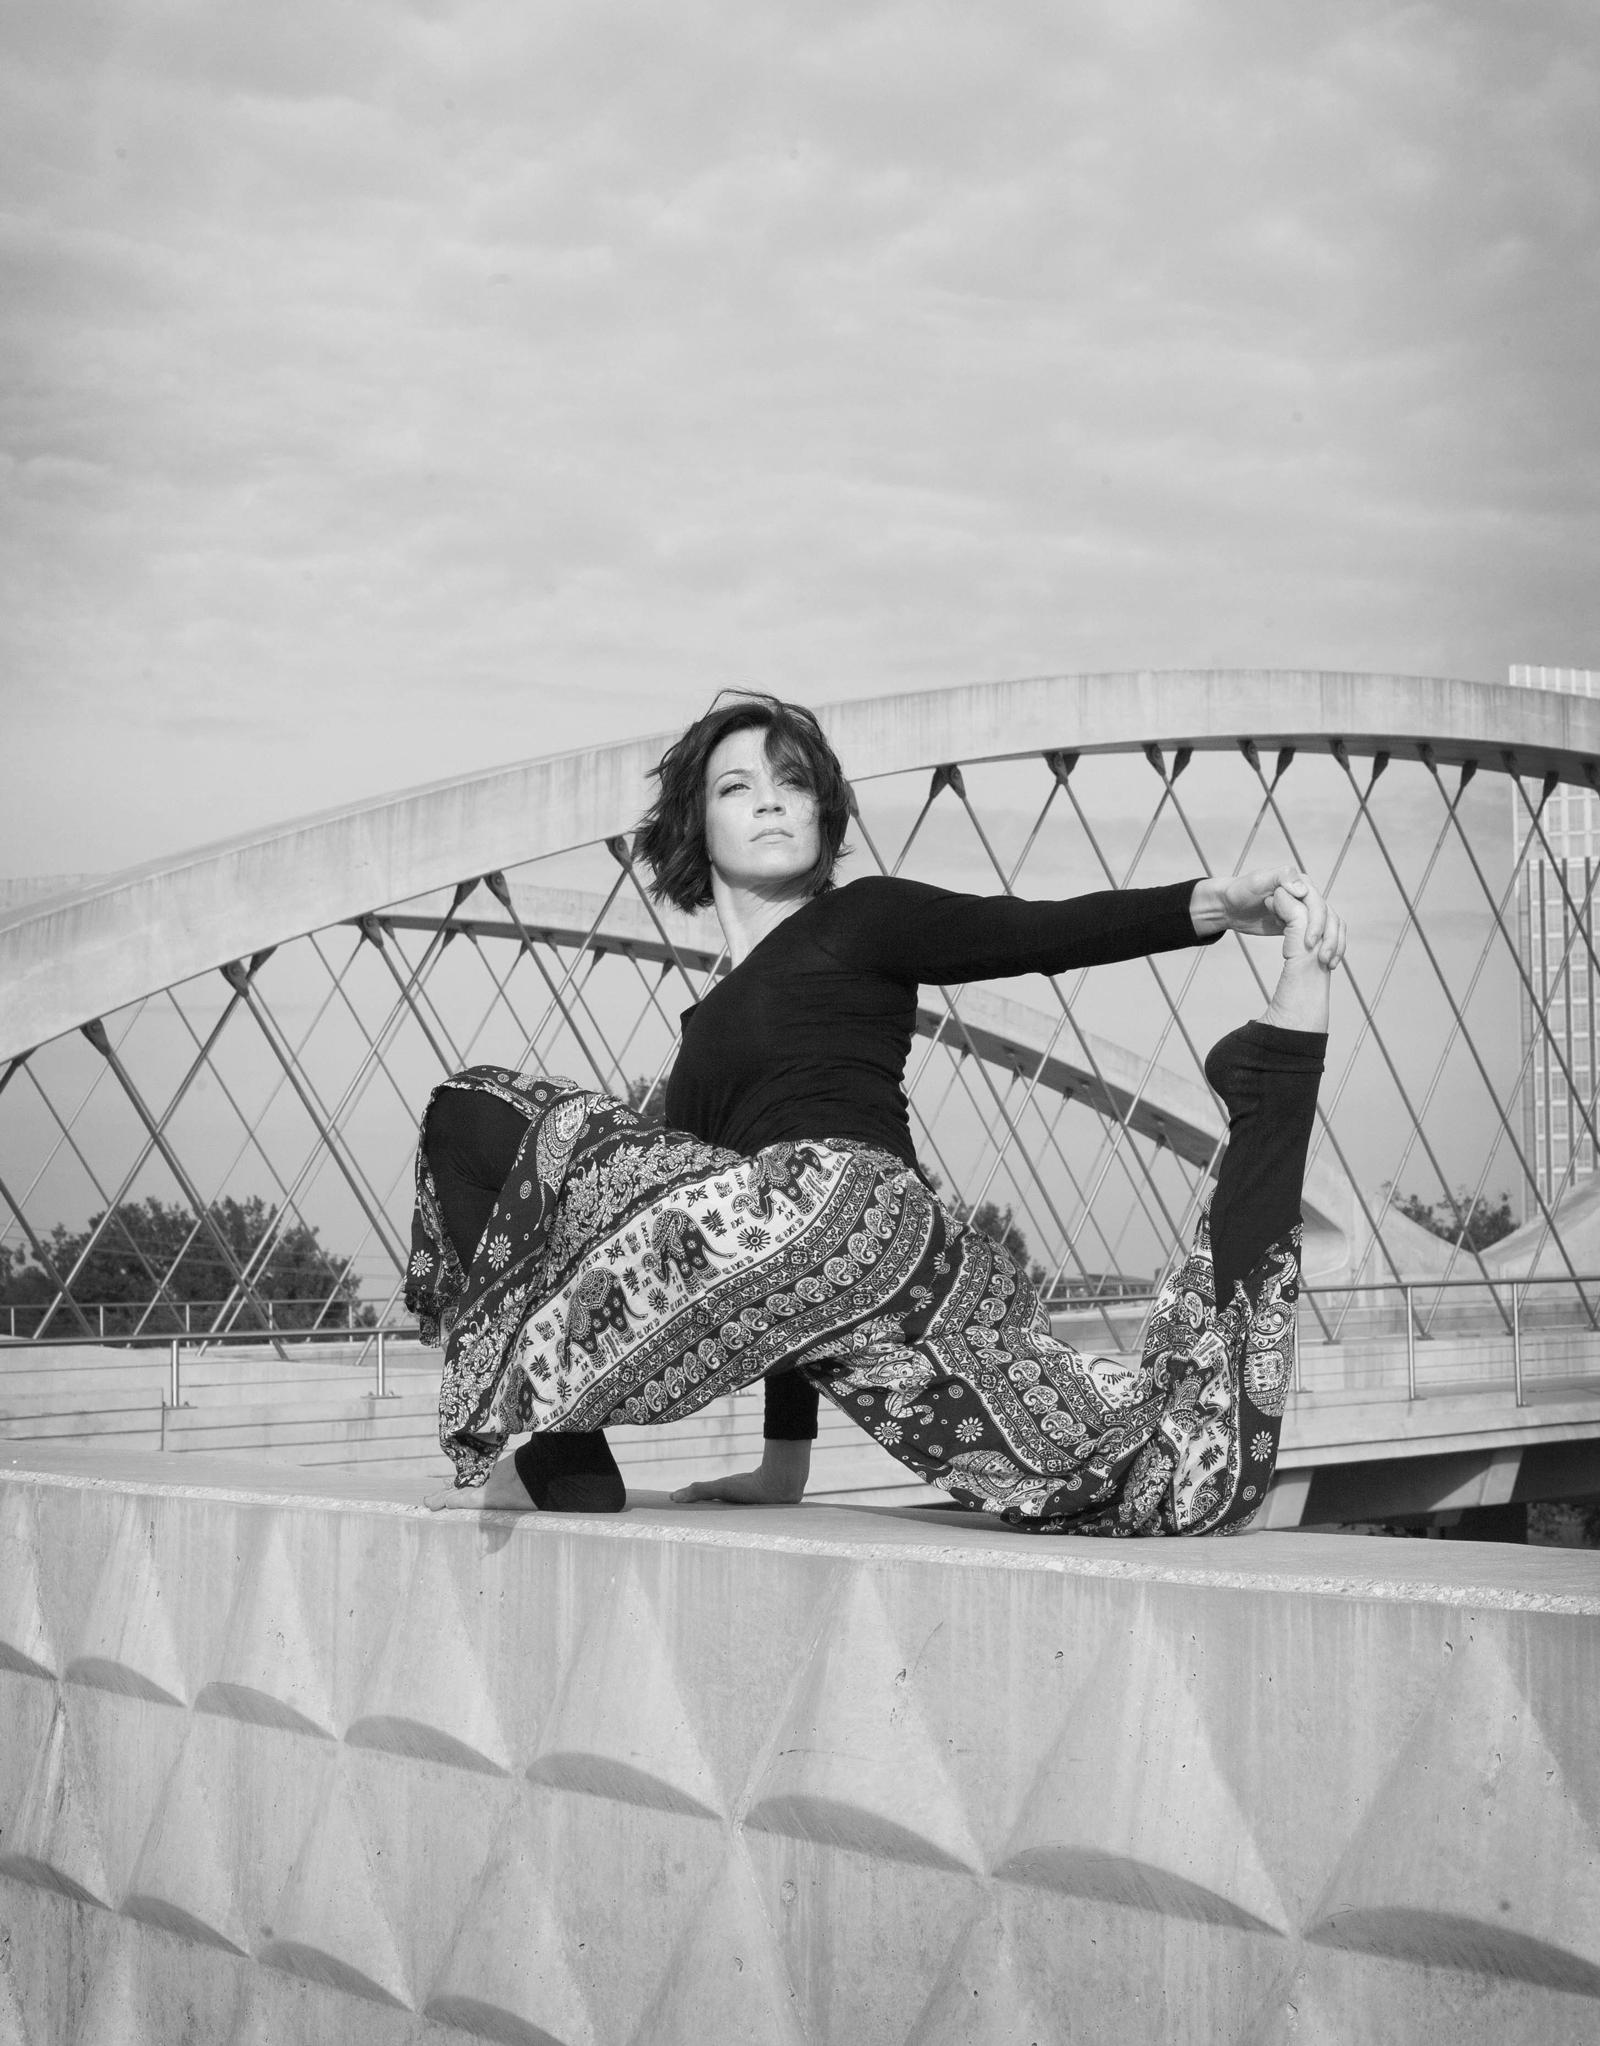 Erin-Yoga-159-BW.jpg